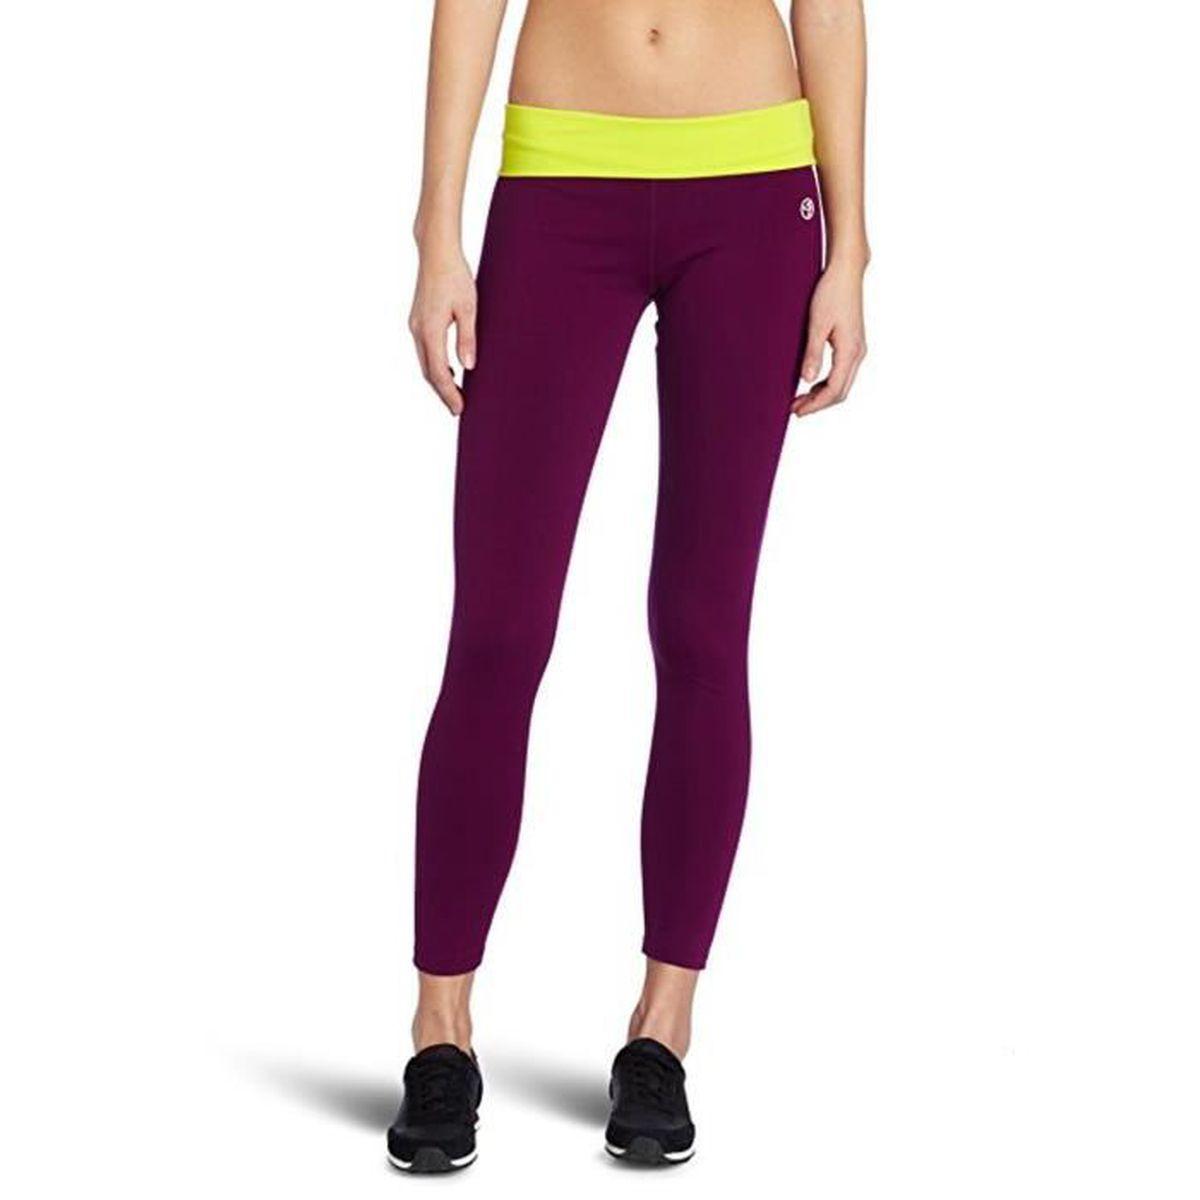 ZUMBA - Fitness Strut legging Femme Sports et Loisirs Fitness et ... 716ff6729d29